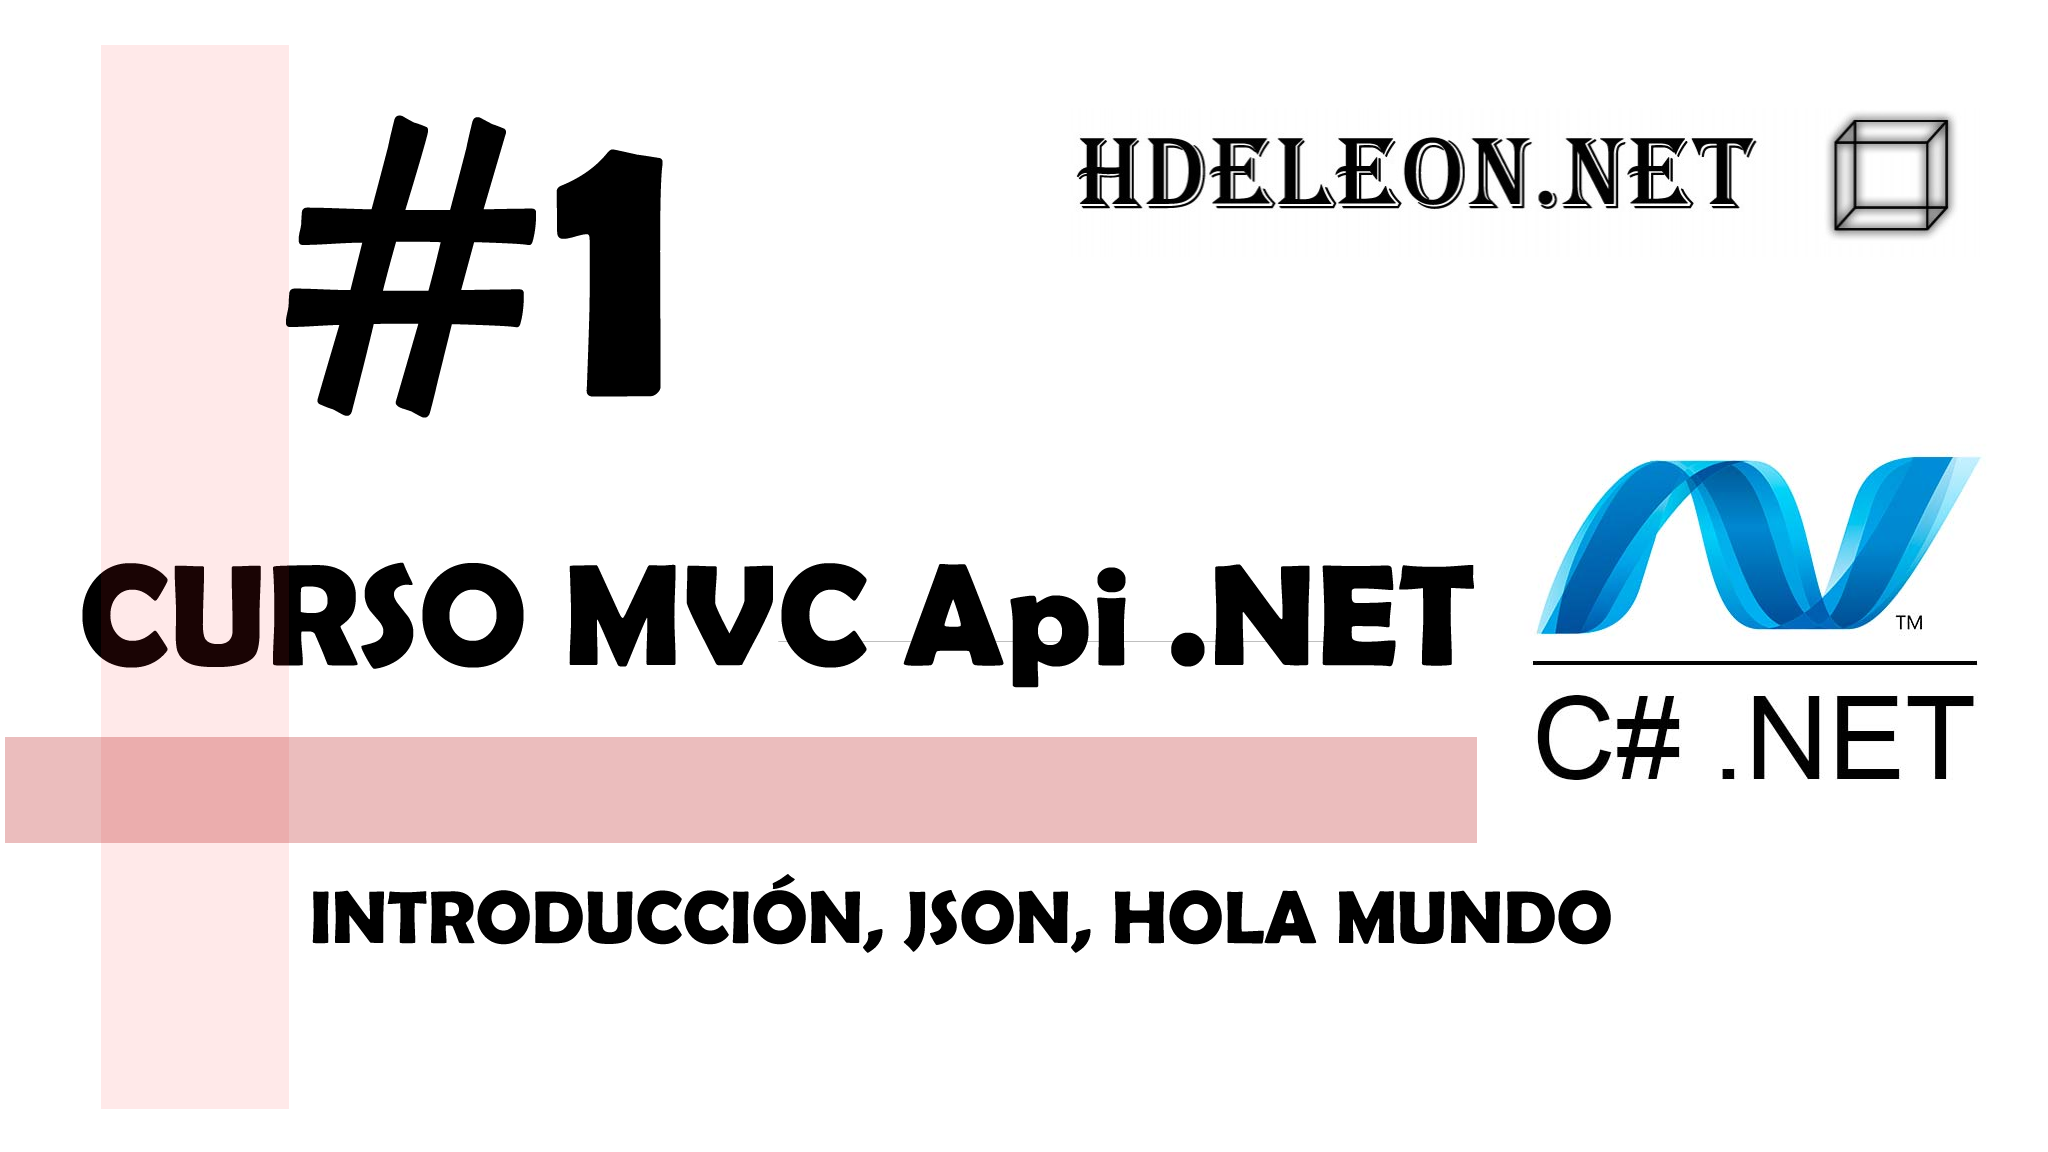 Curso de MVC API .Net C#| Introducción, Hola mundo | #1